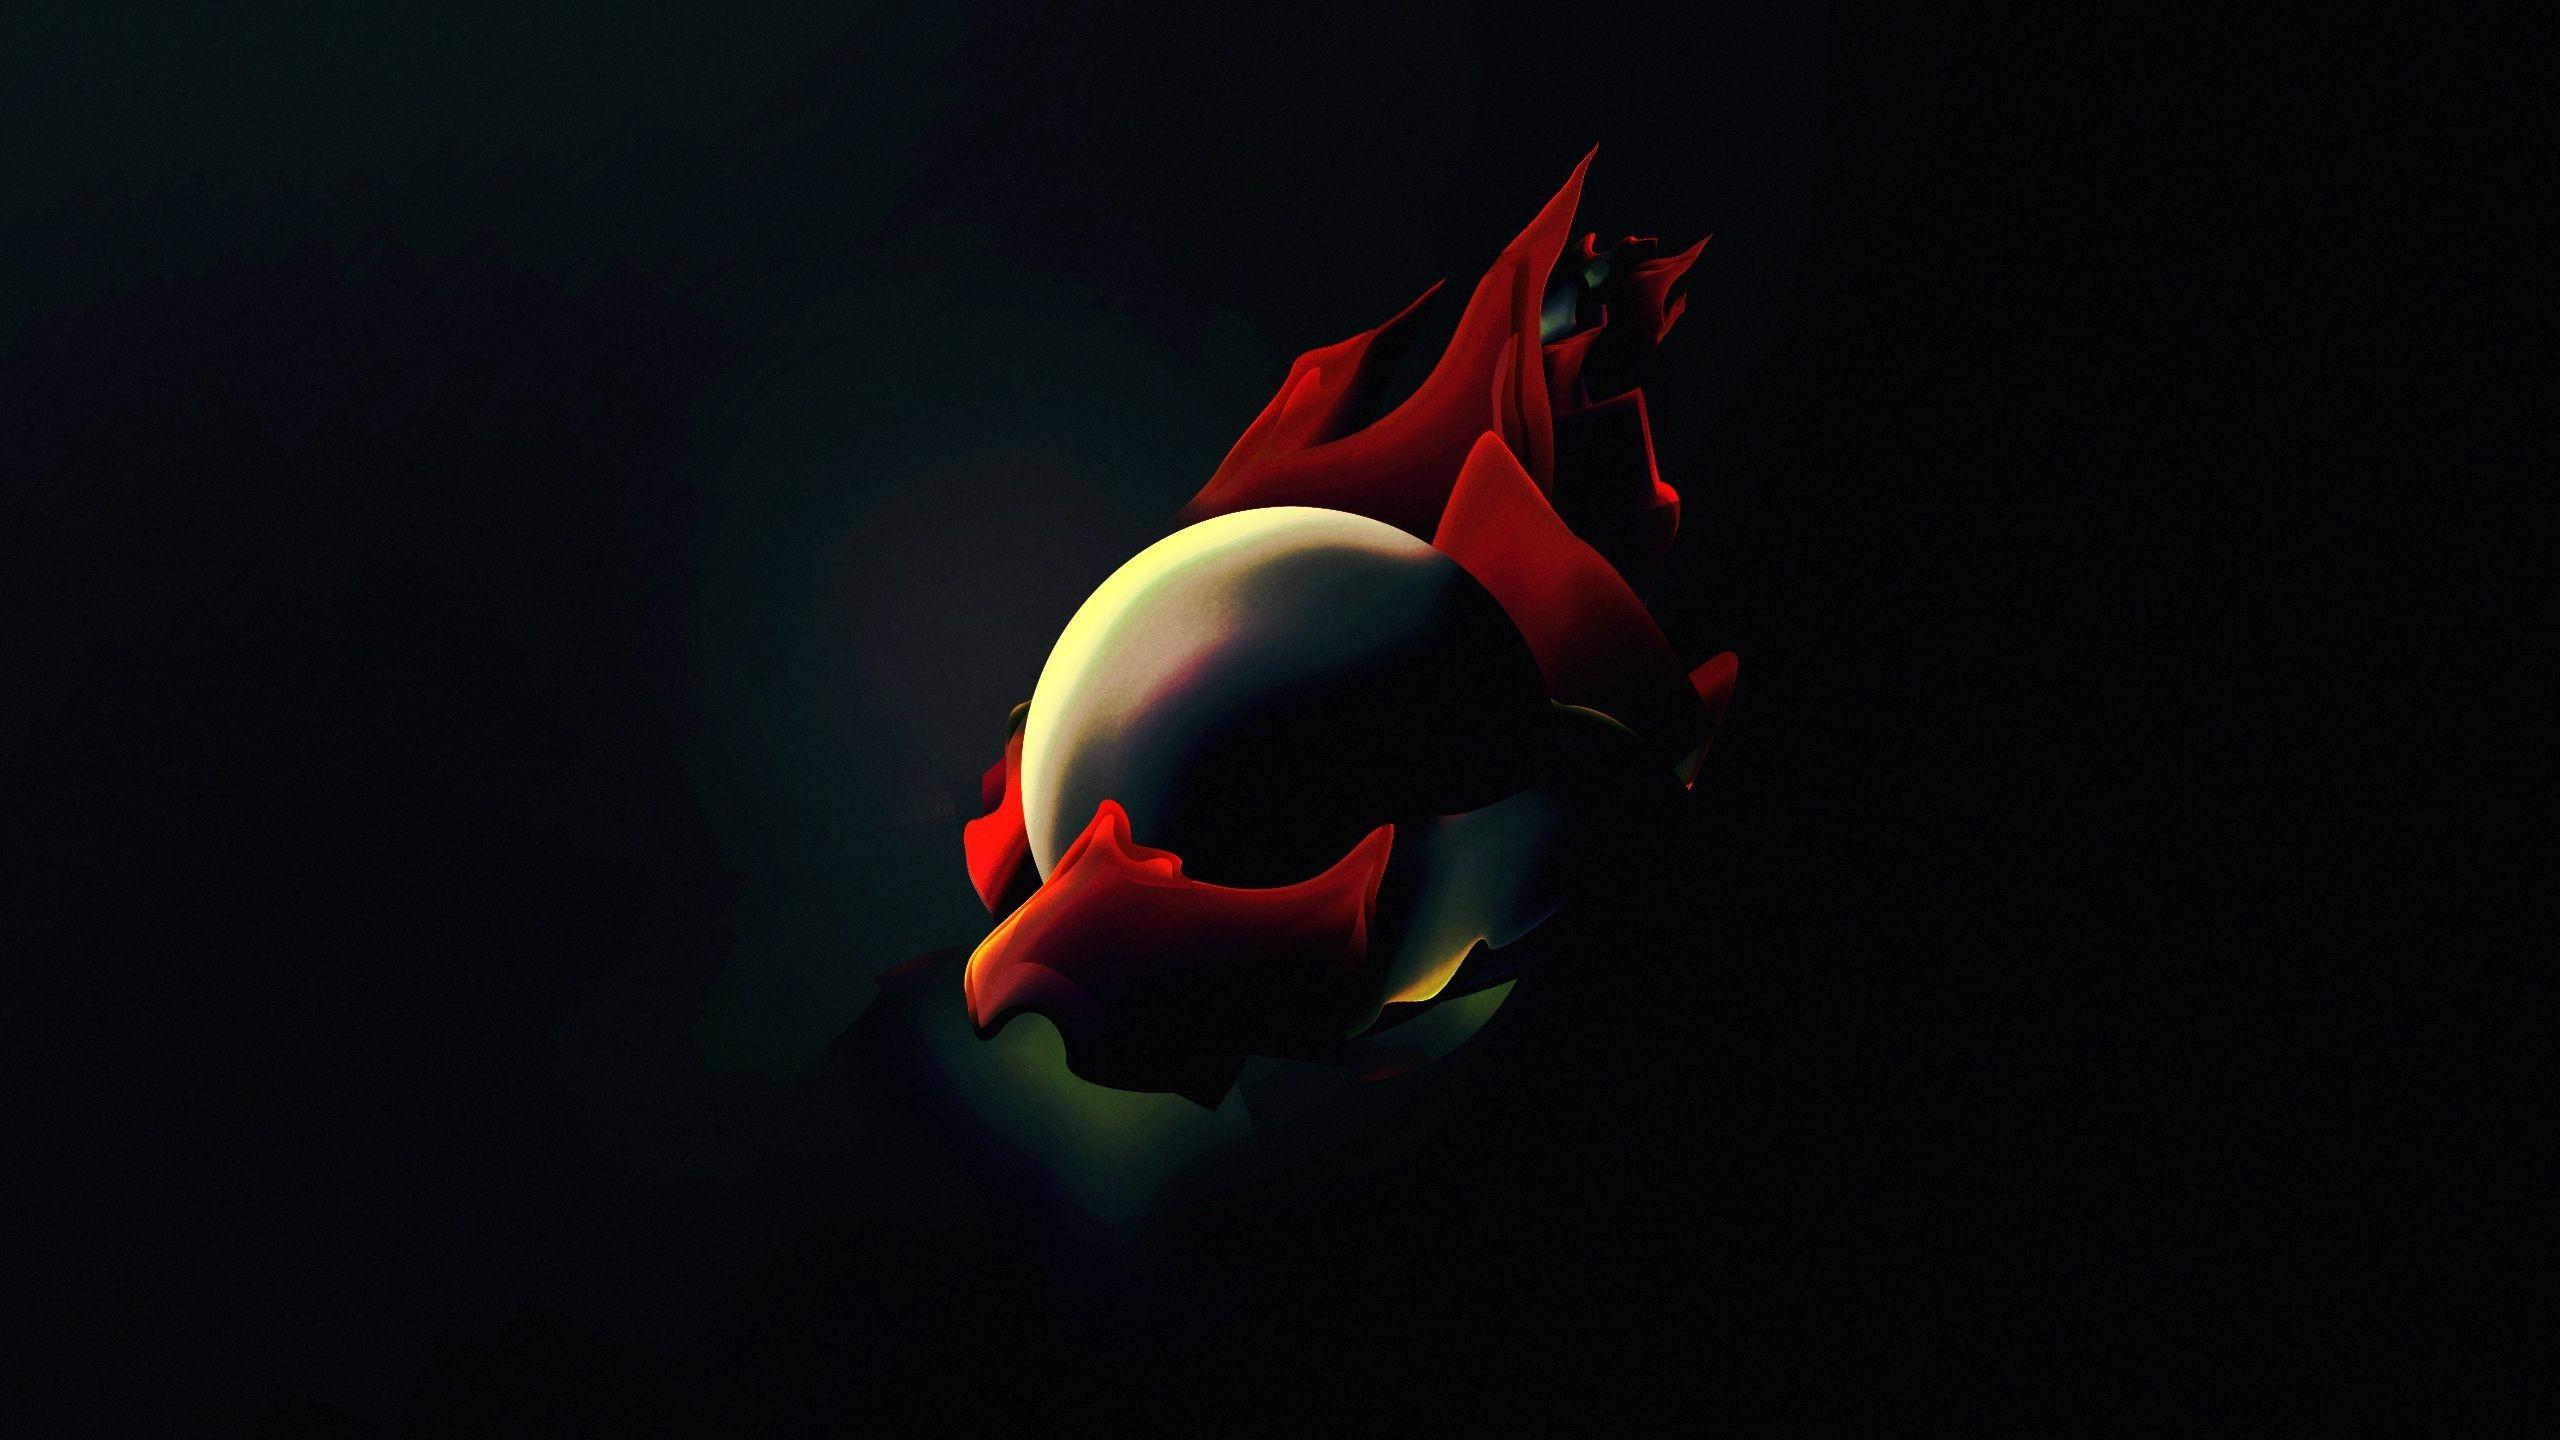 Fond Décran Illustration Rouge Fond Sombre Ballon